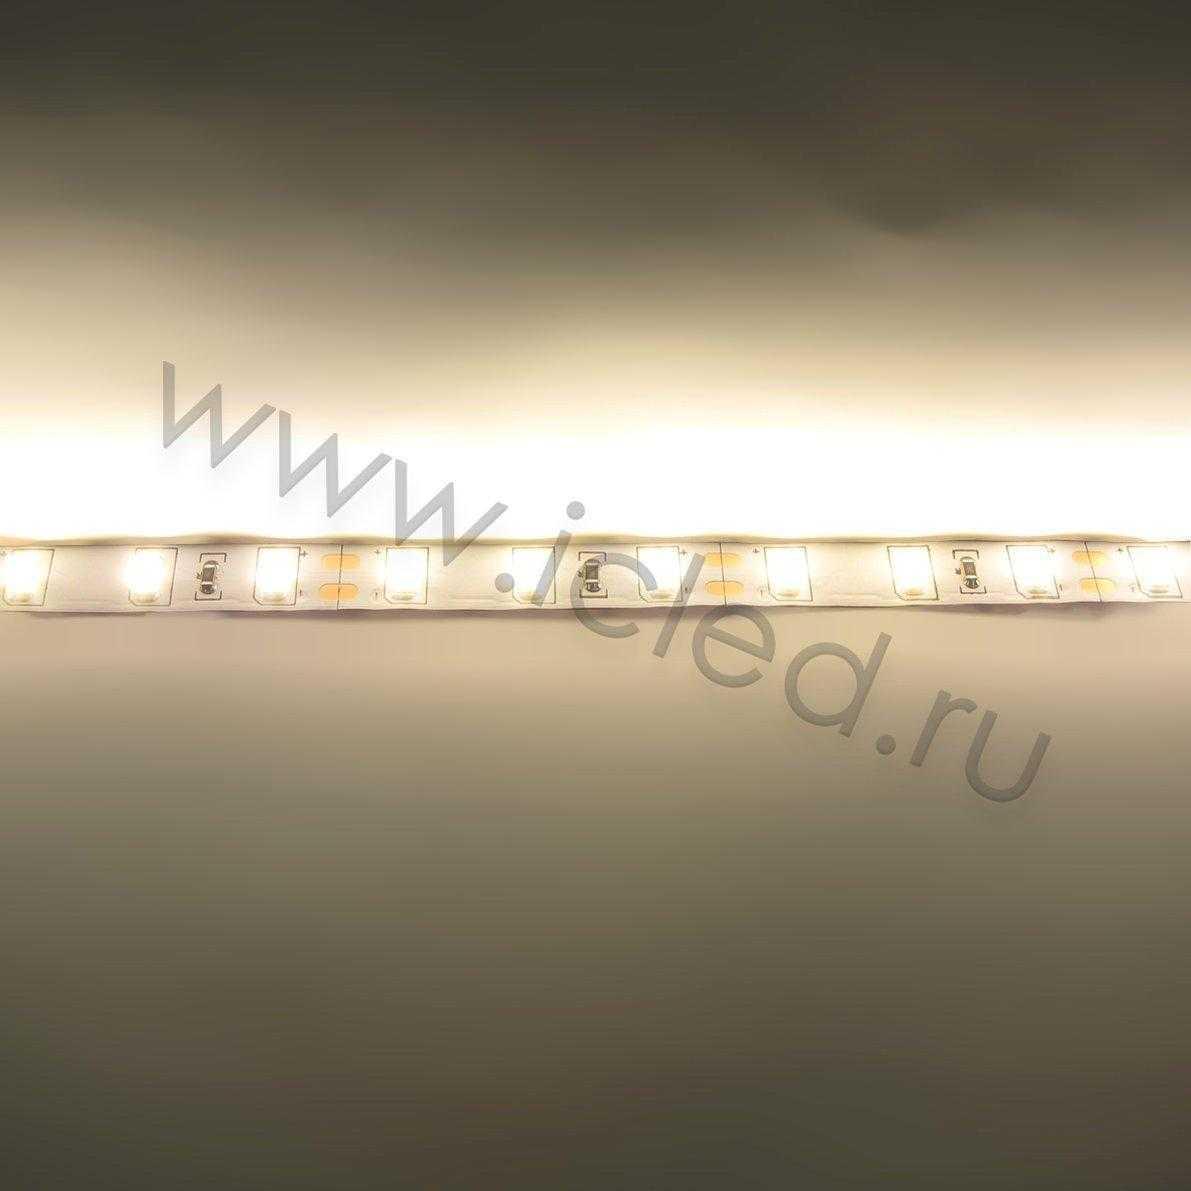 Светодиодная лента Class B, 5630, 60led/m, Warm White, 32Lm,12V, IP33